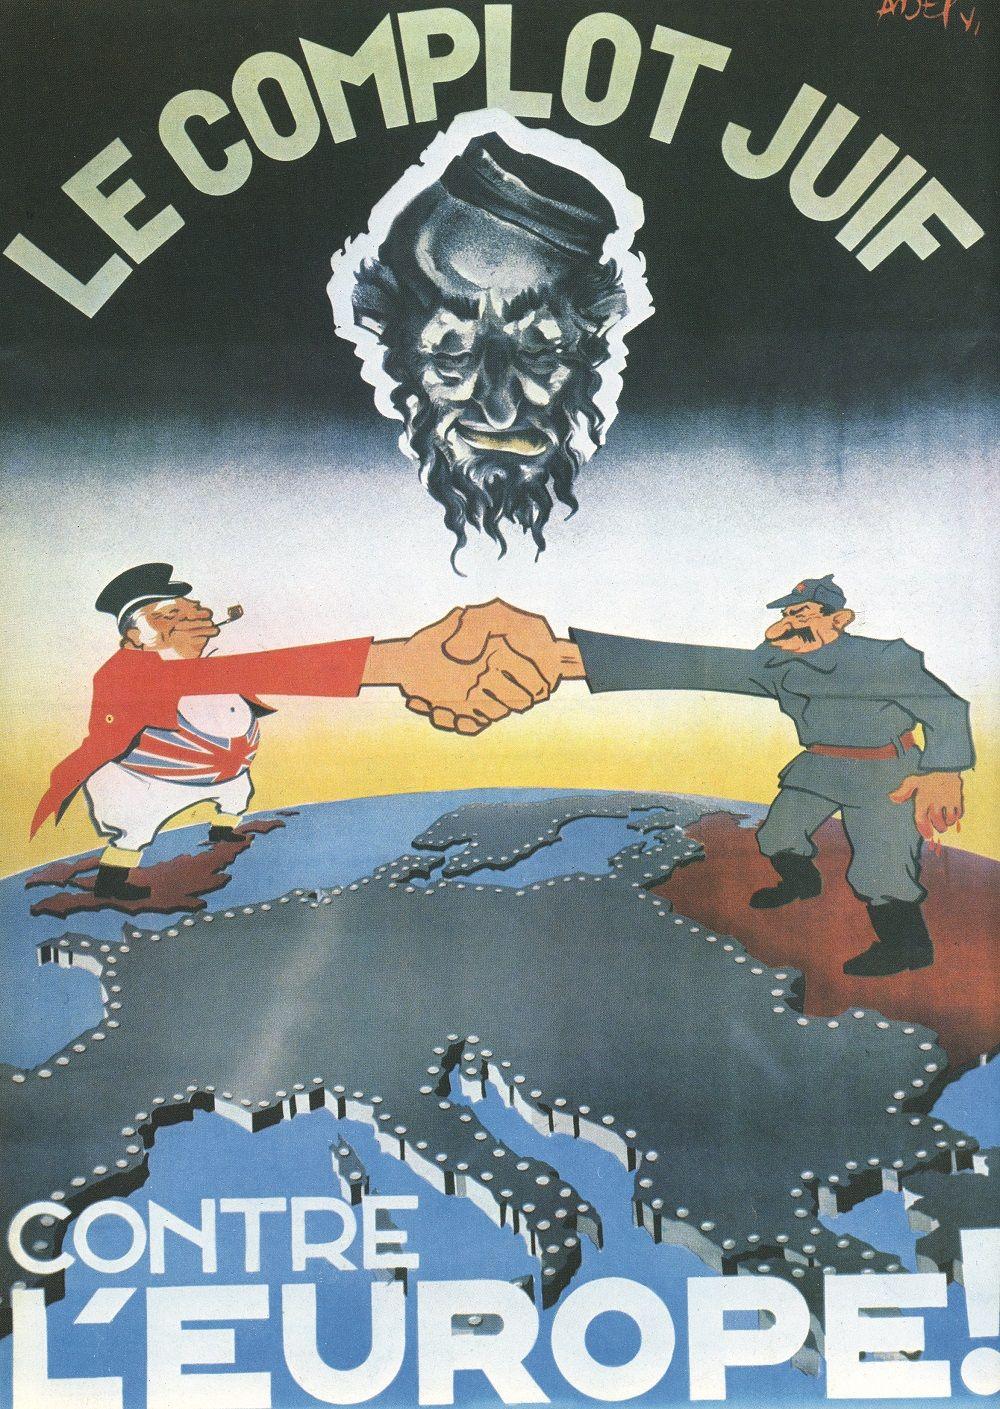 Fonte figura 3: Il complotto ebraico contro l'Europa!, manifesto antisemita diffuso dai nazisti nella Francia di Vichy, 1942 circa.